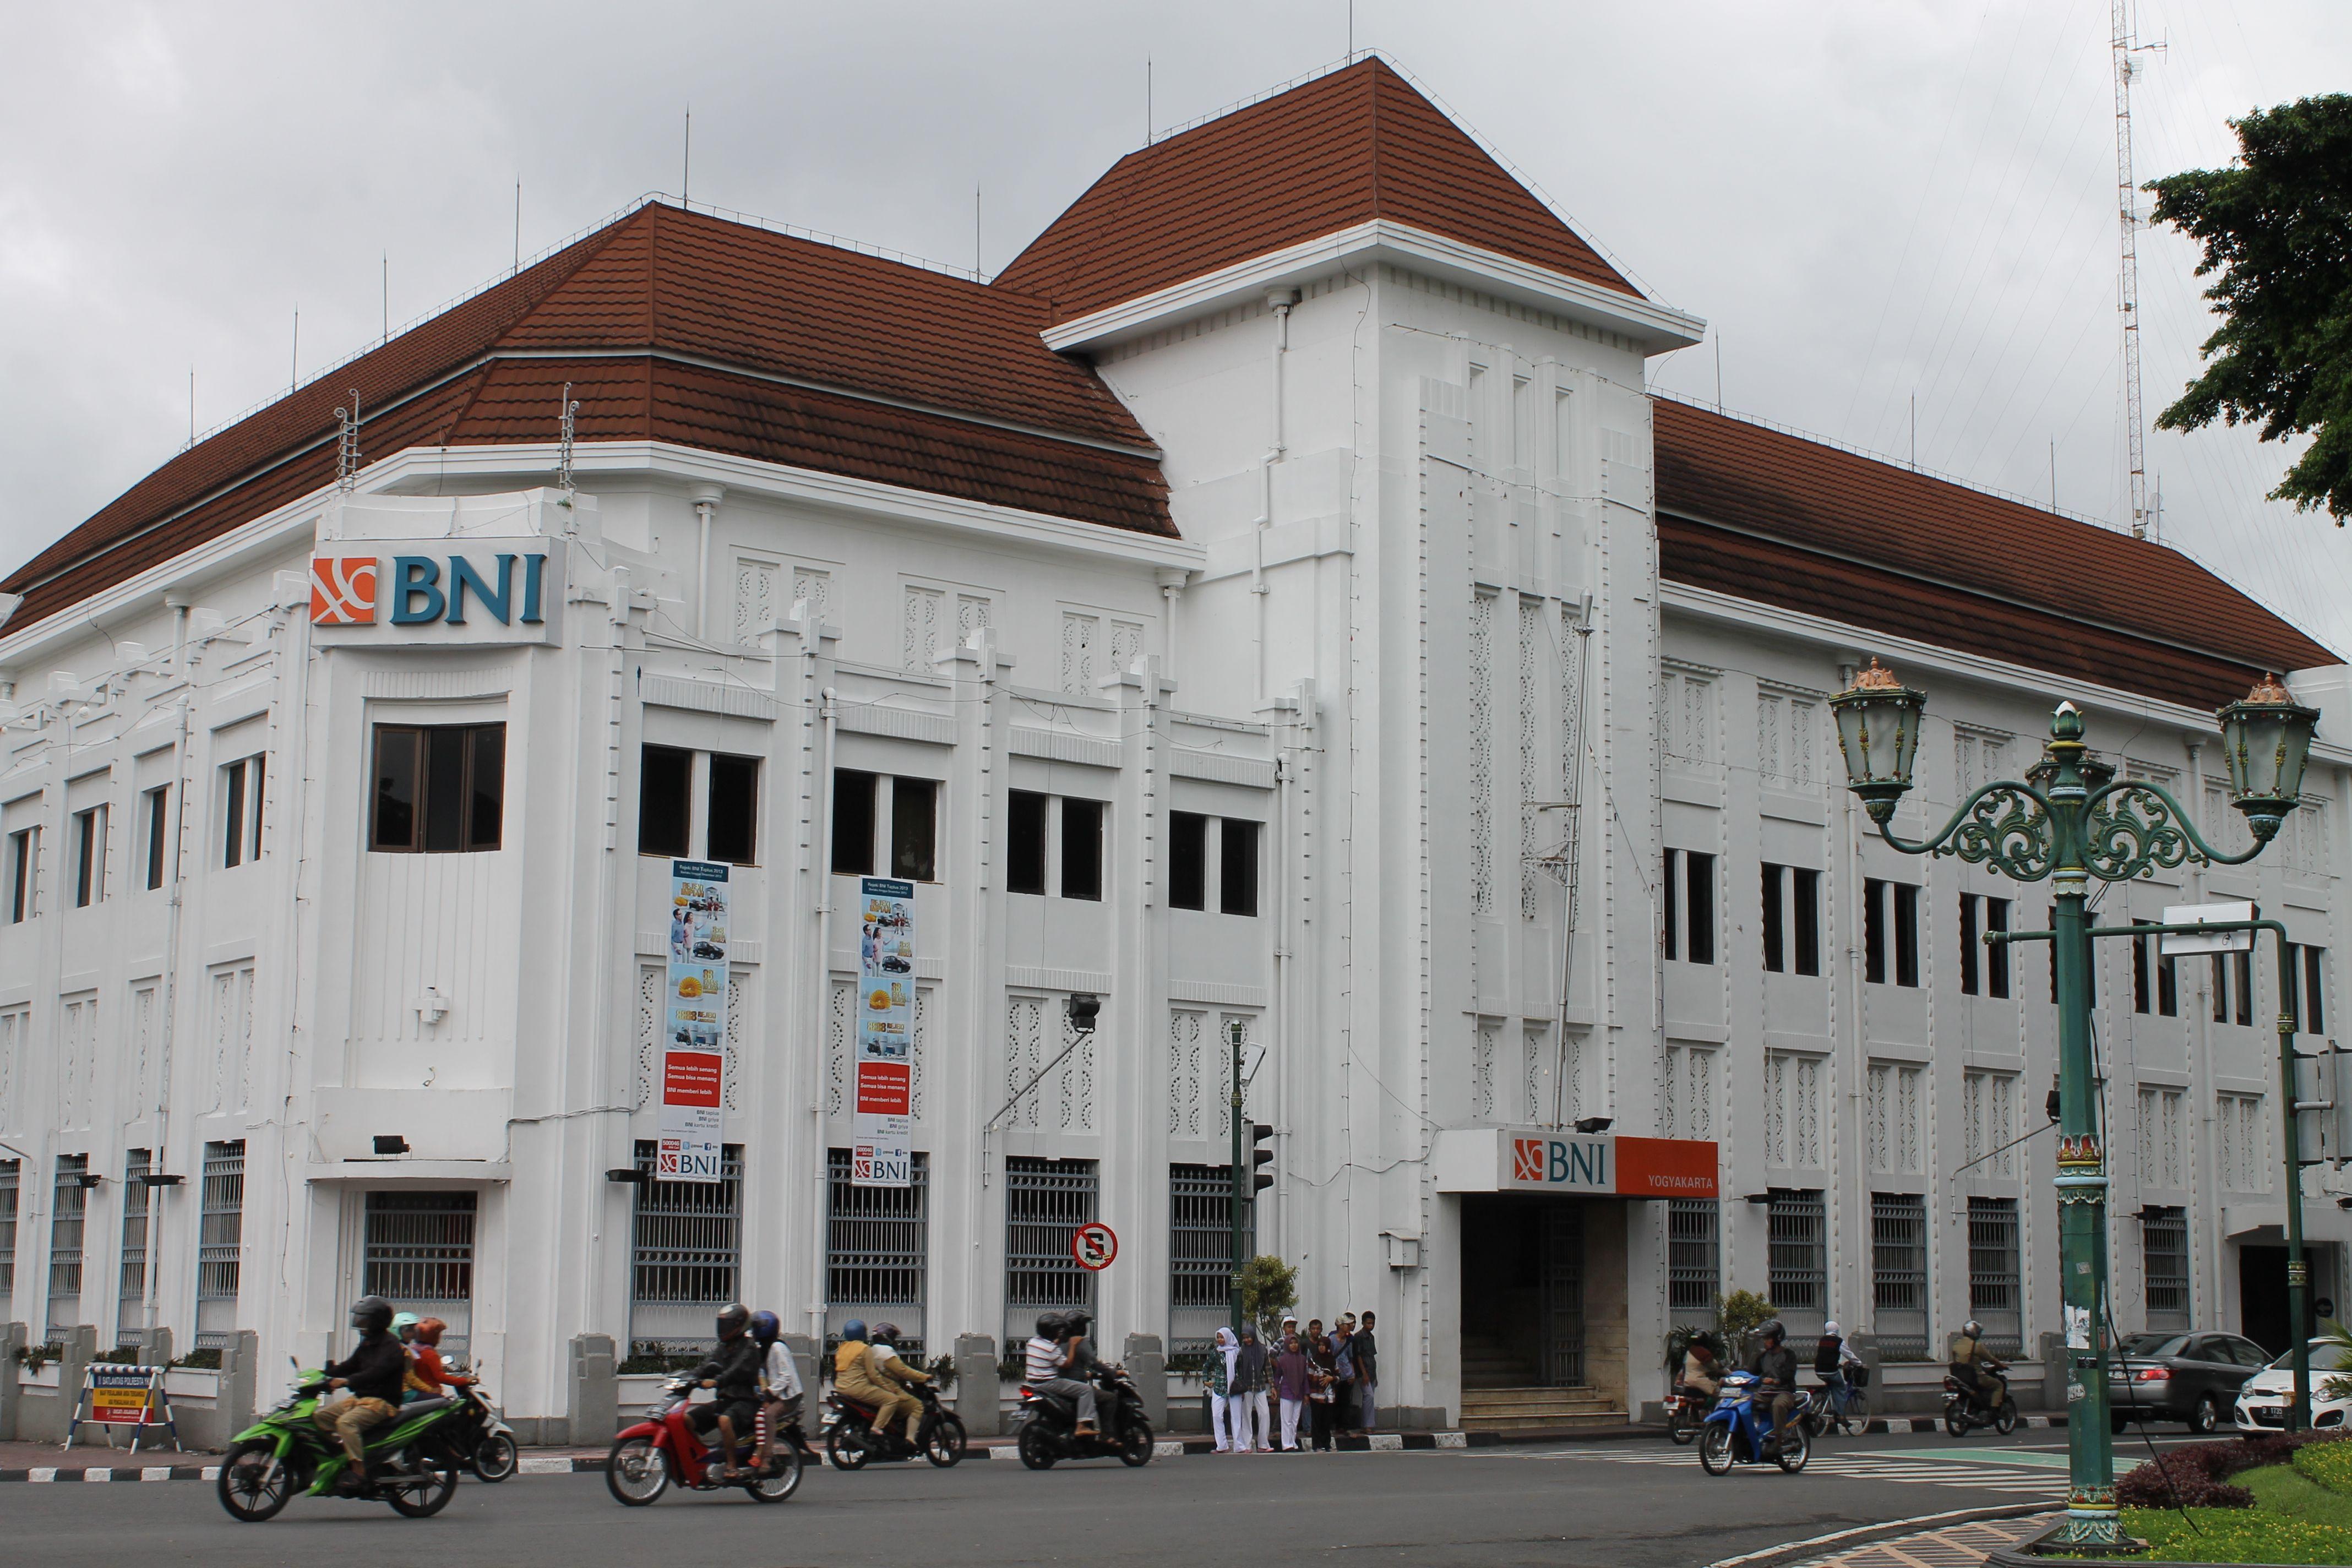 Bank Bni Di Bogor - Jawaban Soal 2021